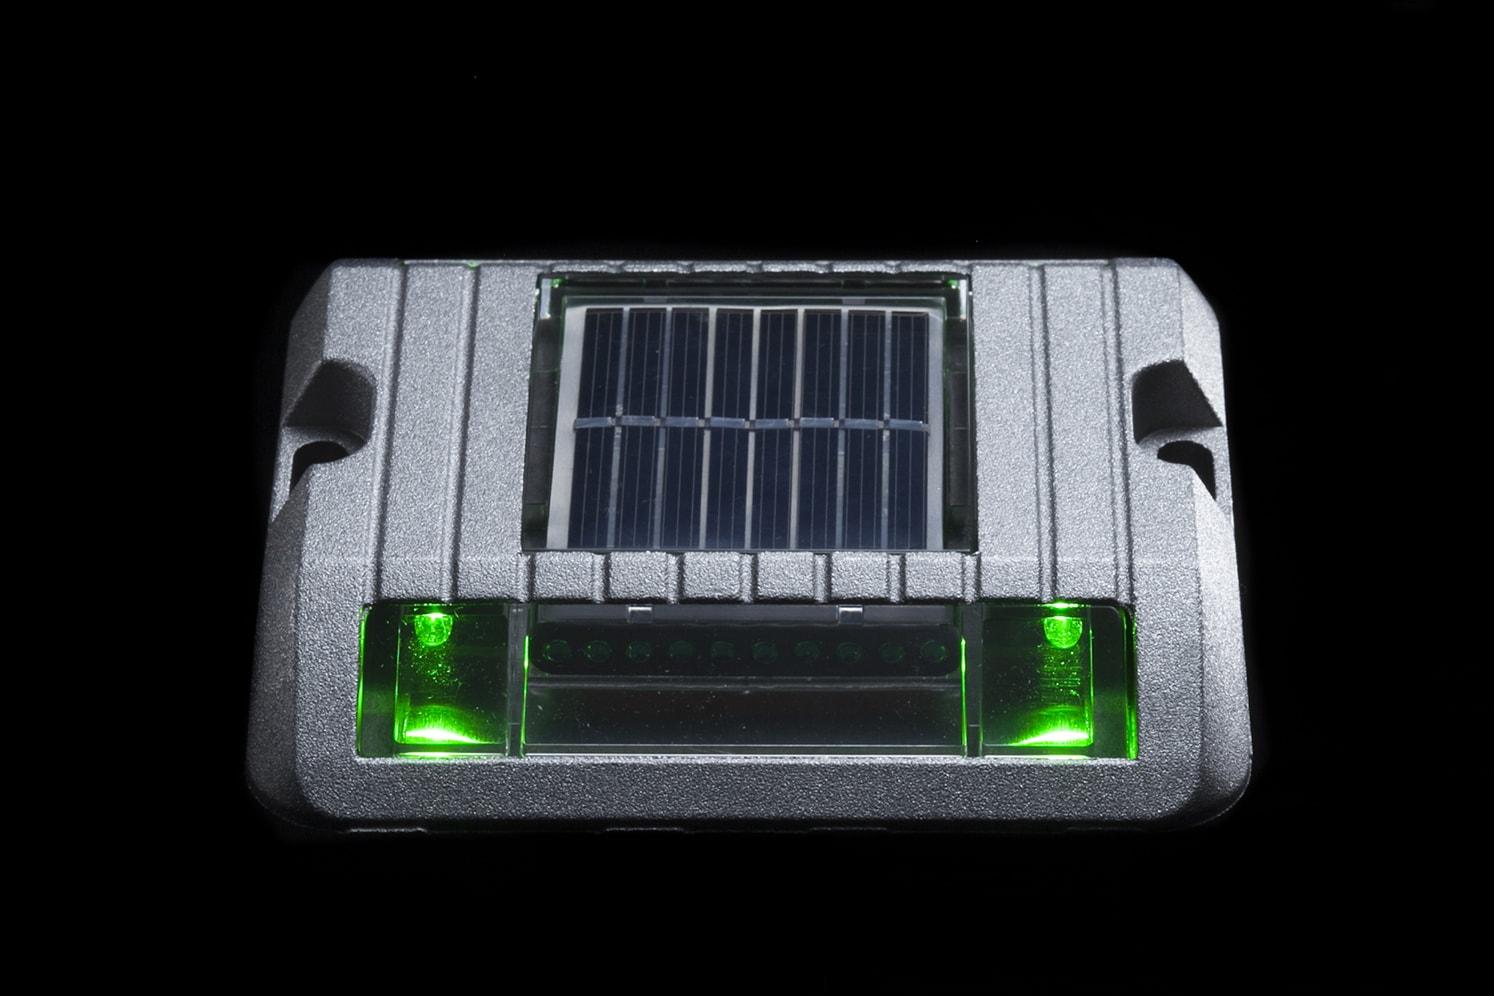 Balise solaire de sécurité pour bordure, îlot, giratoire ECO-118 vert